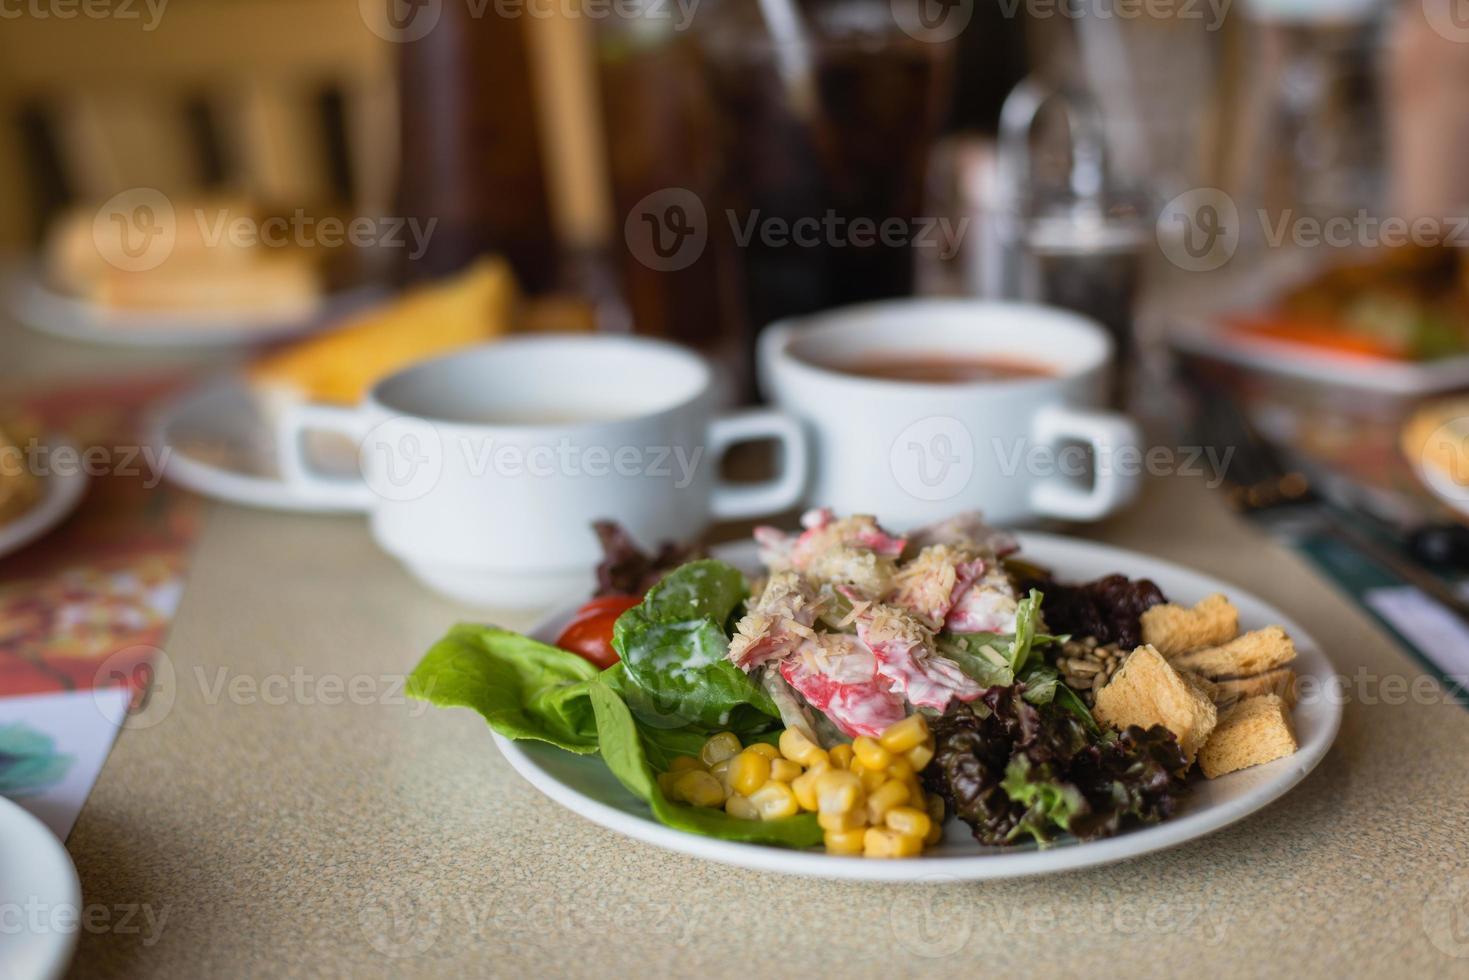 saladebar met een gevarieerd buffet met groenten. foto